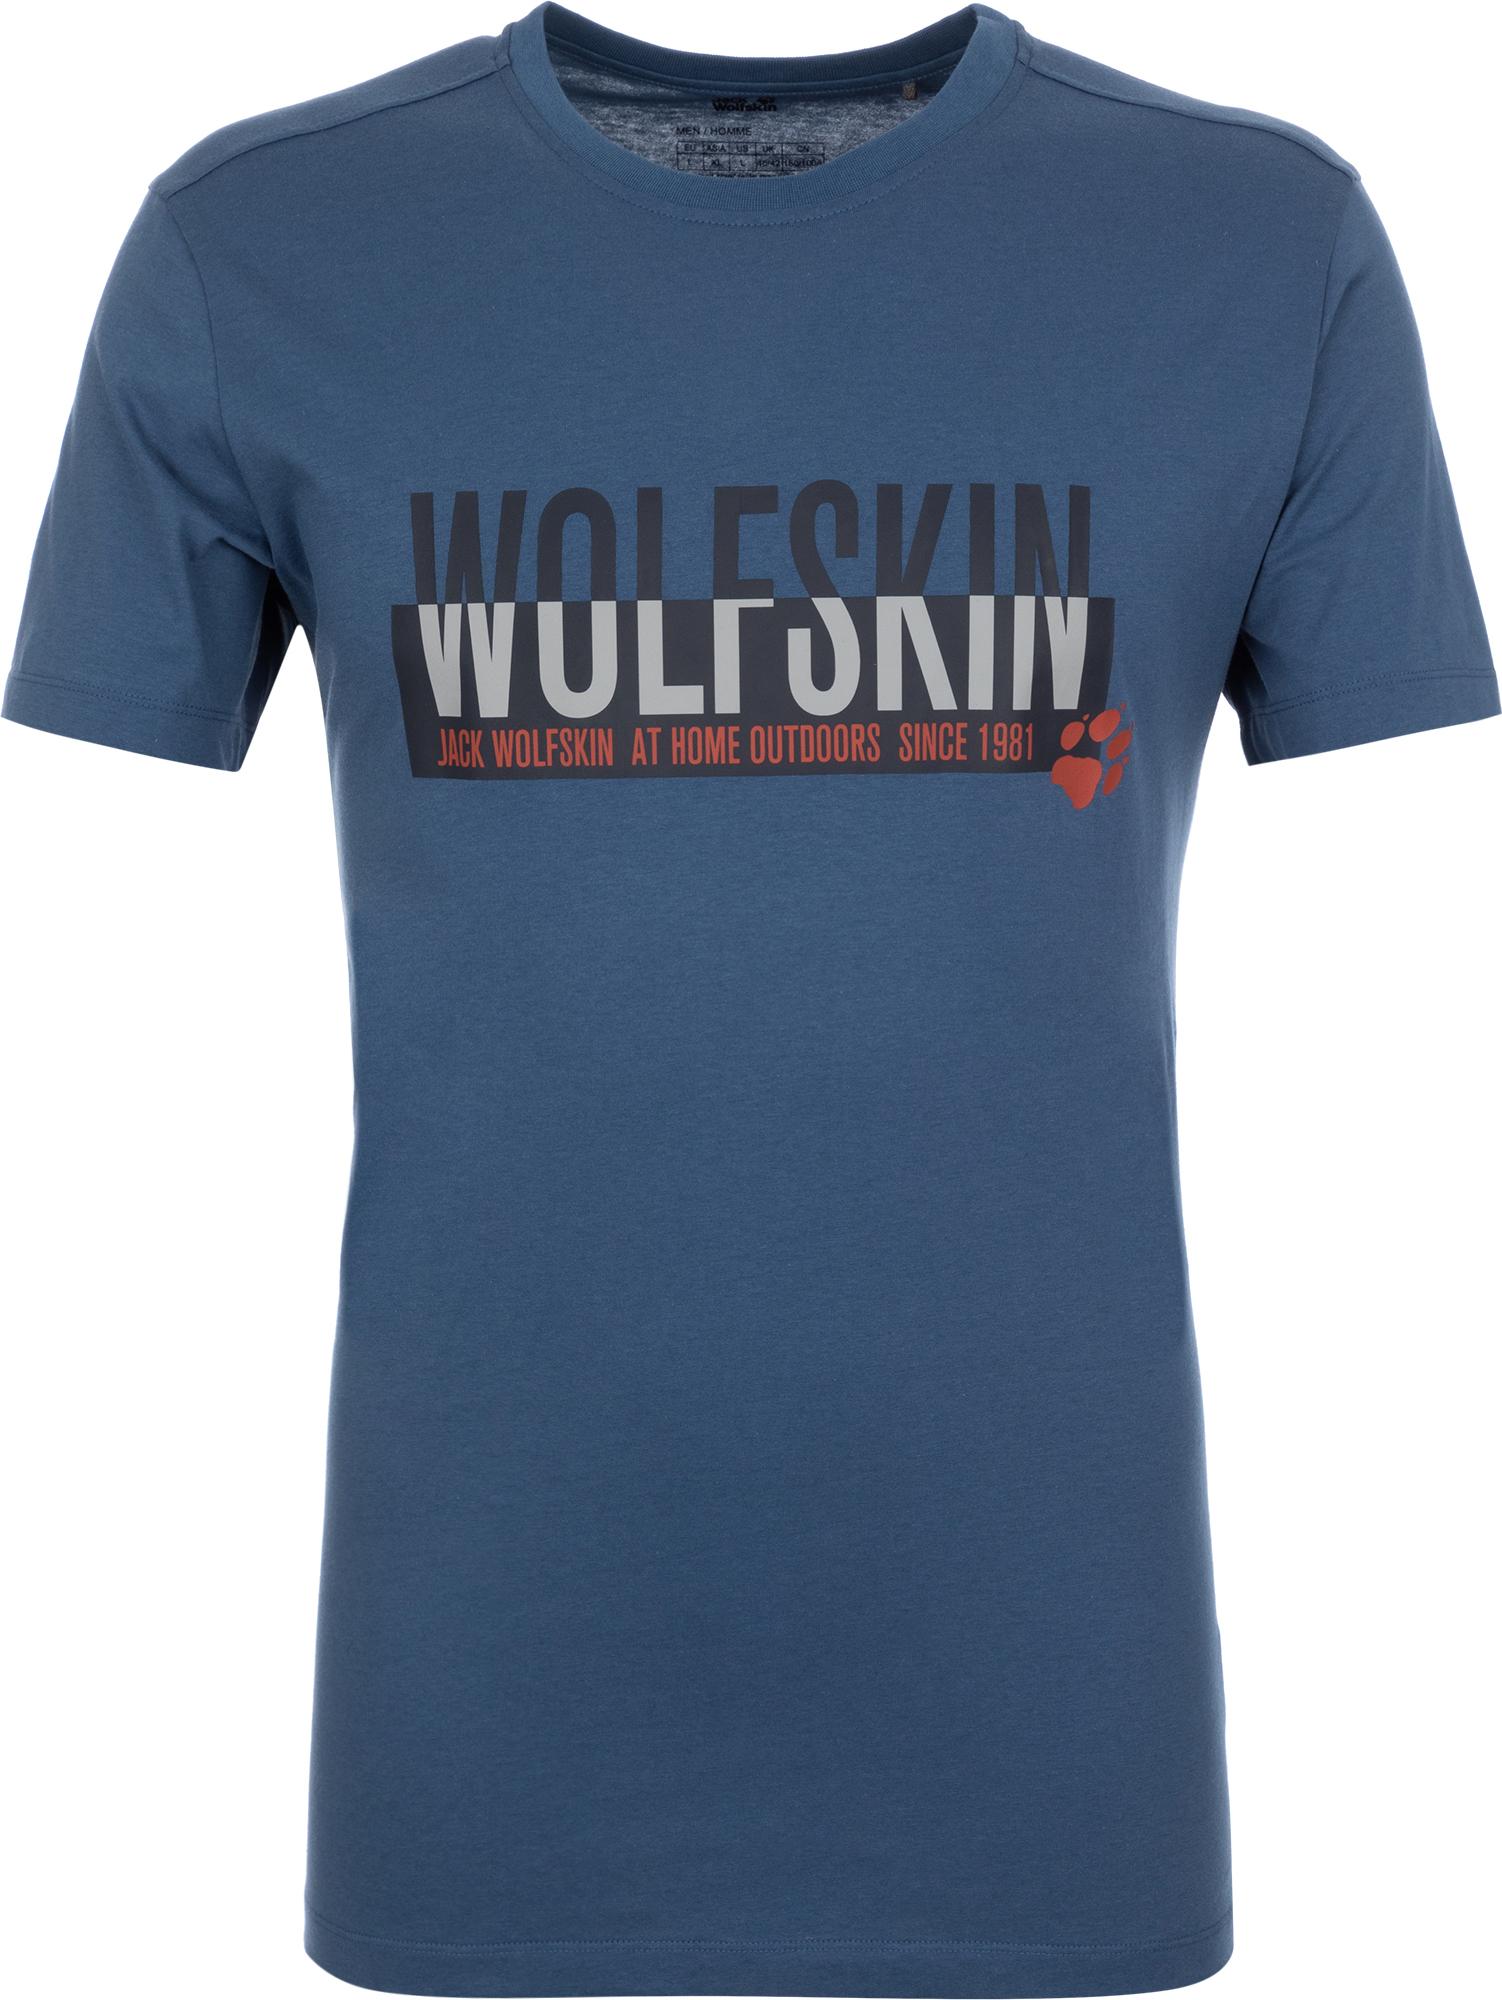 JACK WOLFSKIN Футболка мужская JACK WOLFSKIN Slogan, размер 58 slogan